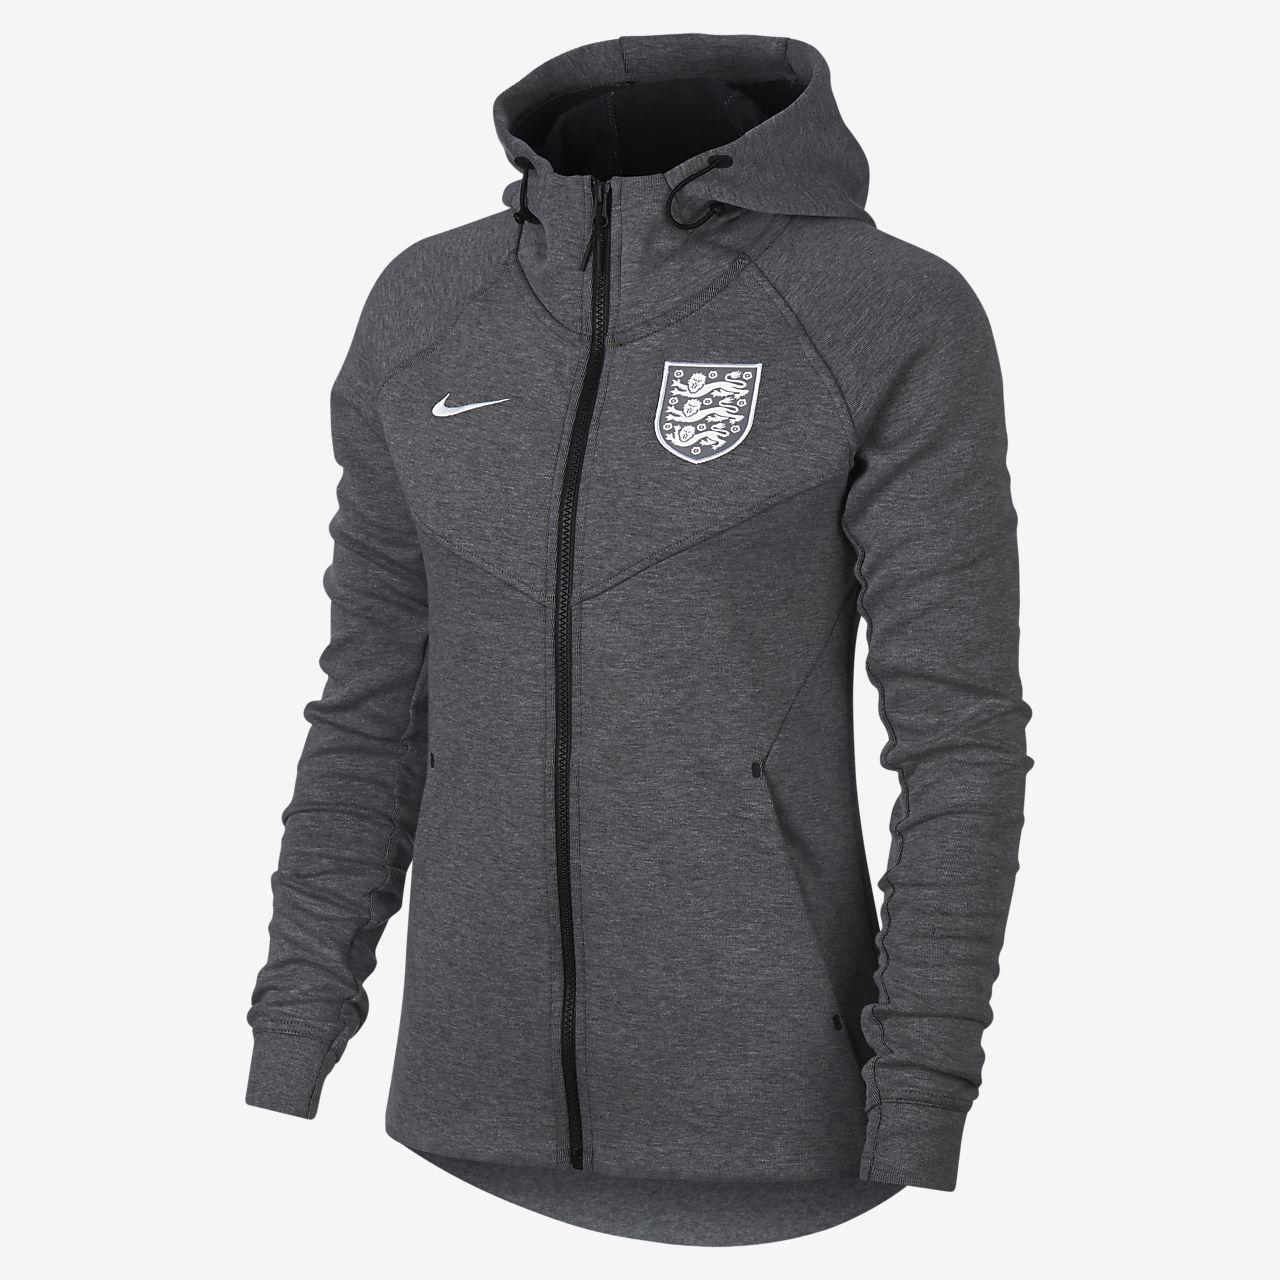 England Tech Fleece Women s Full-Zip Hoodie. Nike.com GB 97ccb87e6d9e